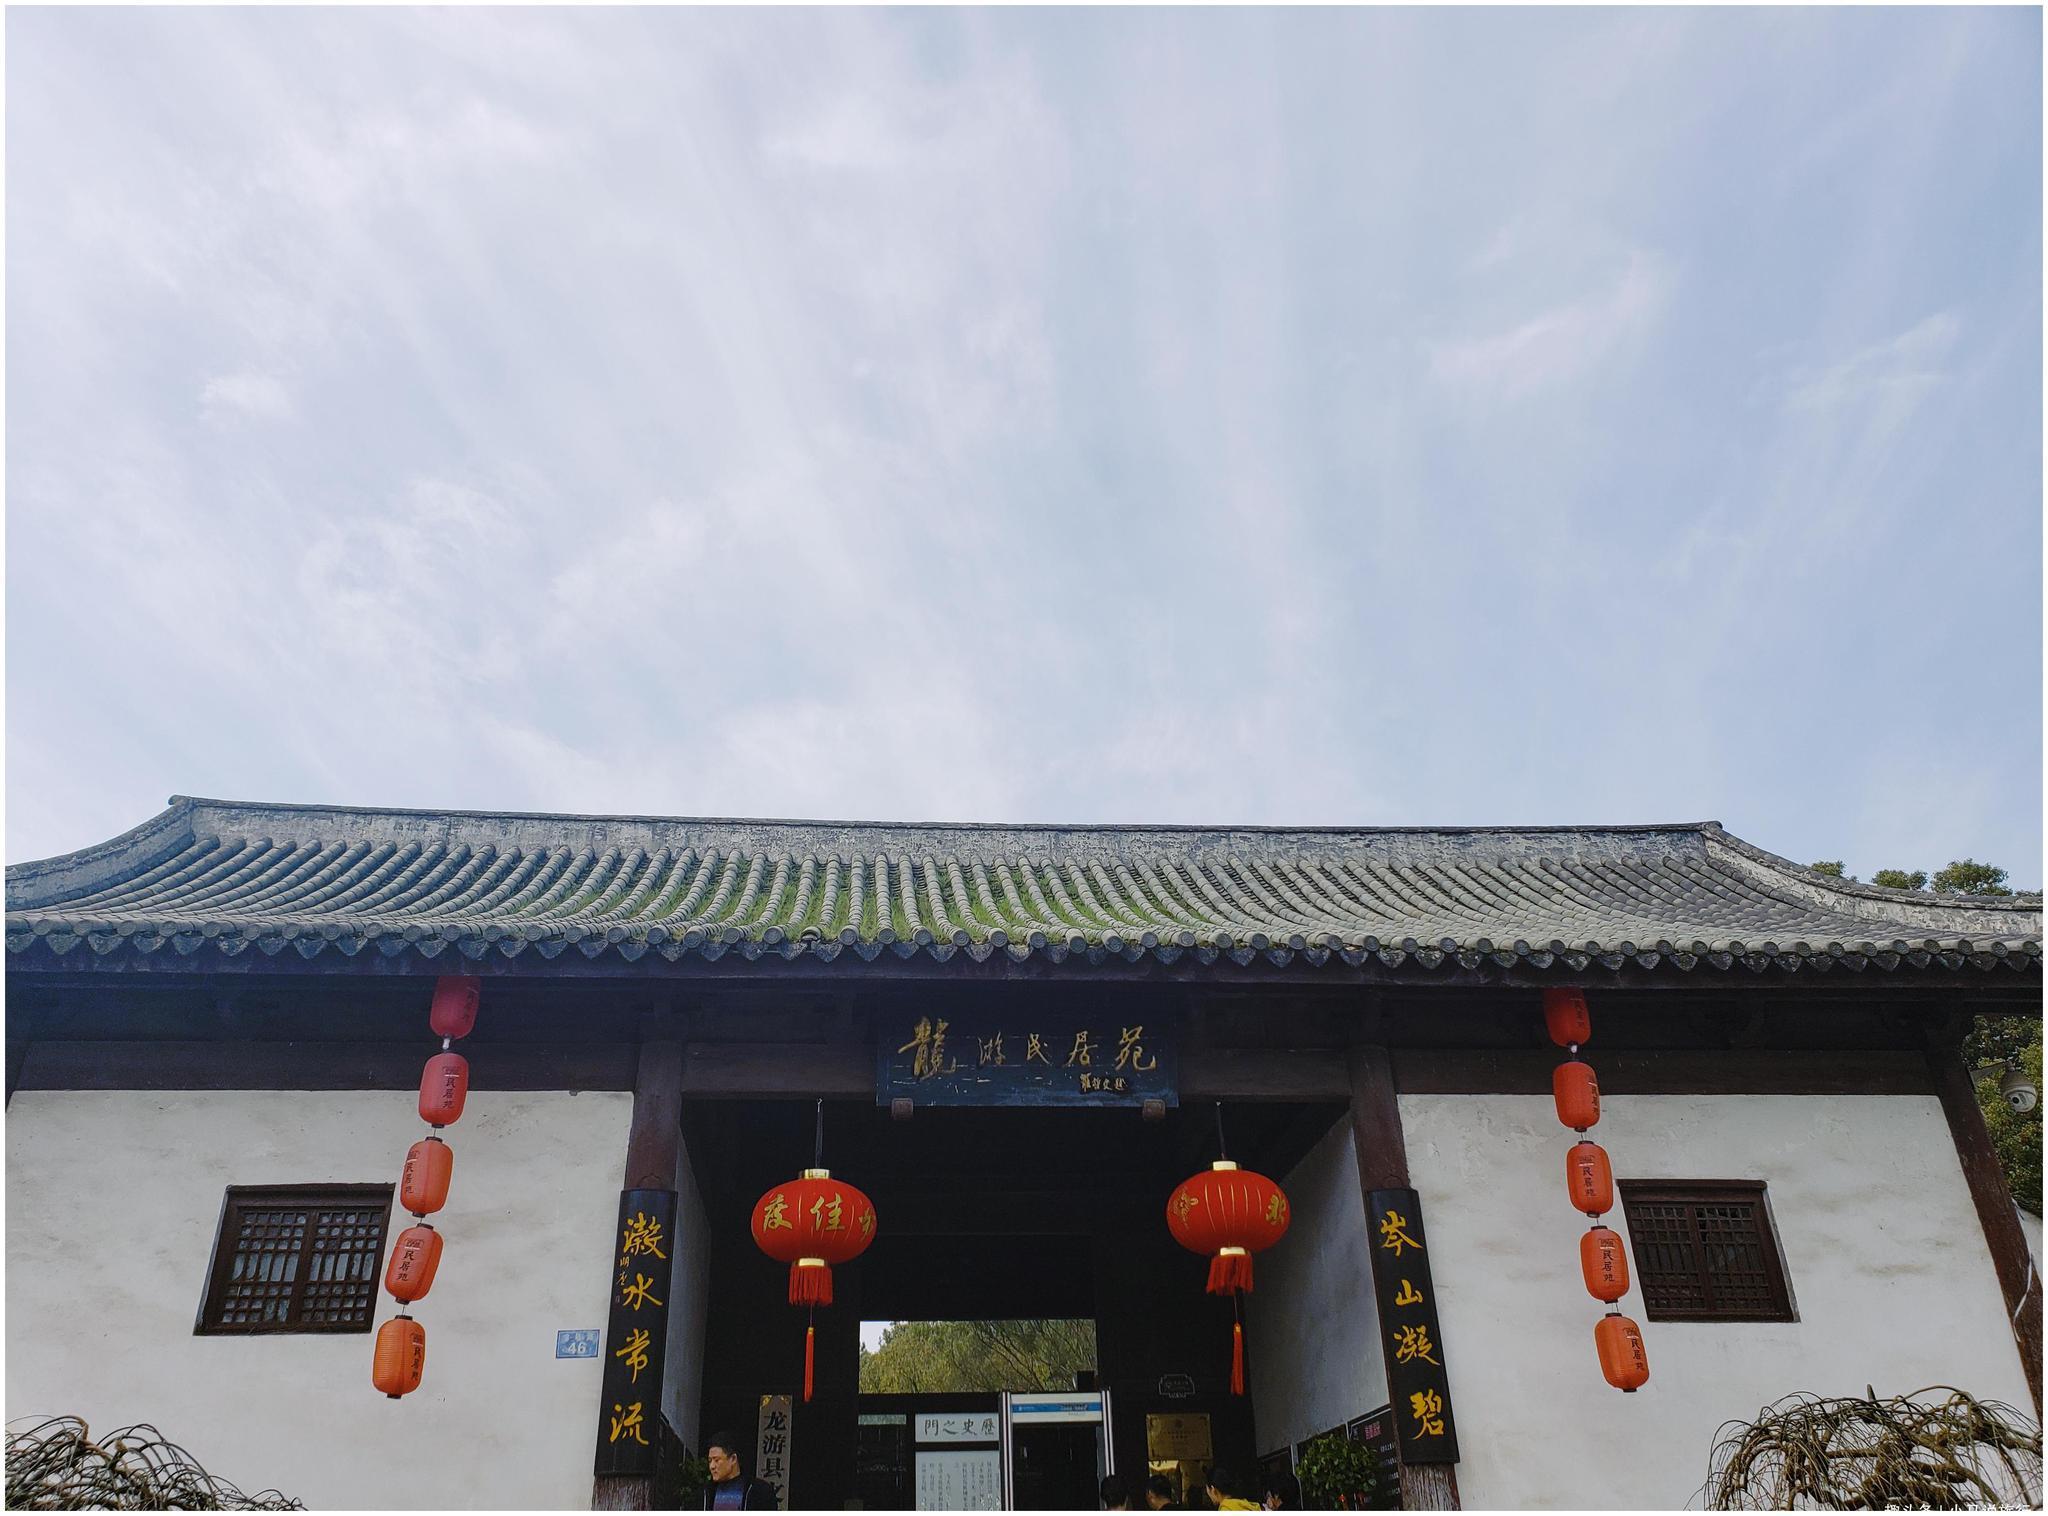 浙江最低调的古城,省内最早建县的城市之一,古韵深厚游客却很少